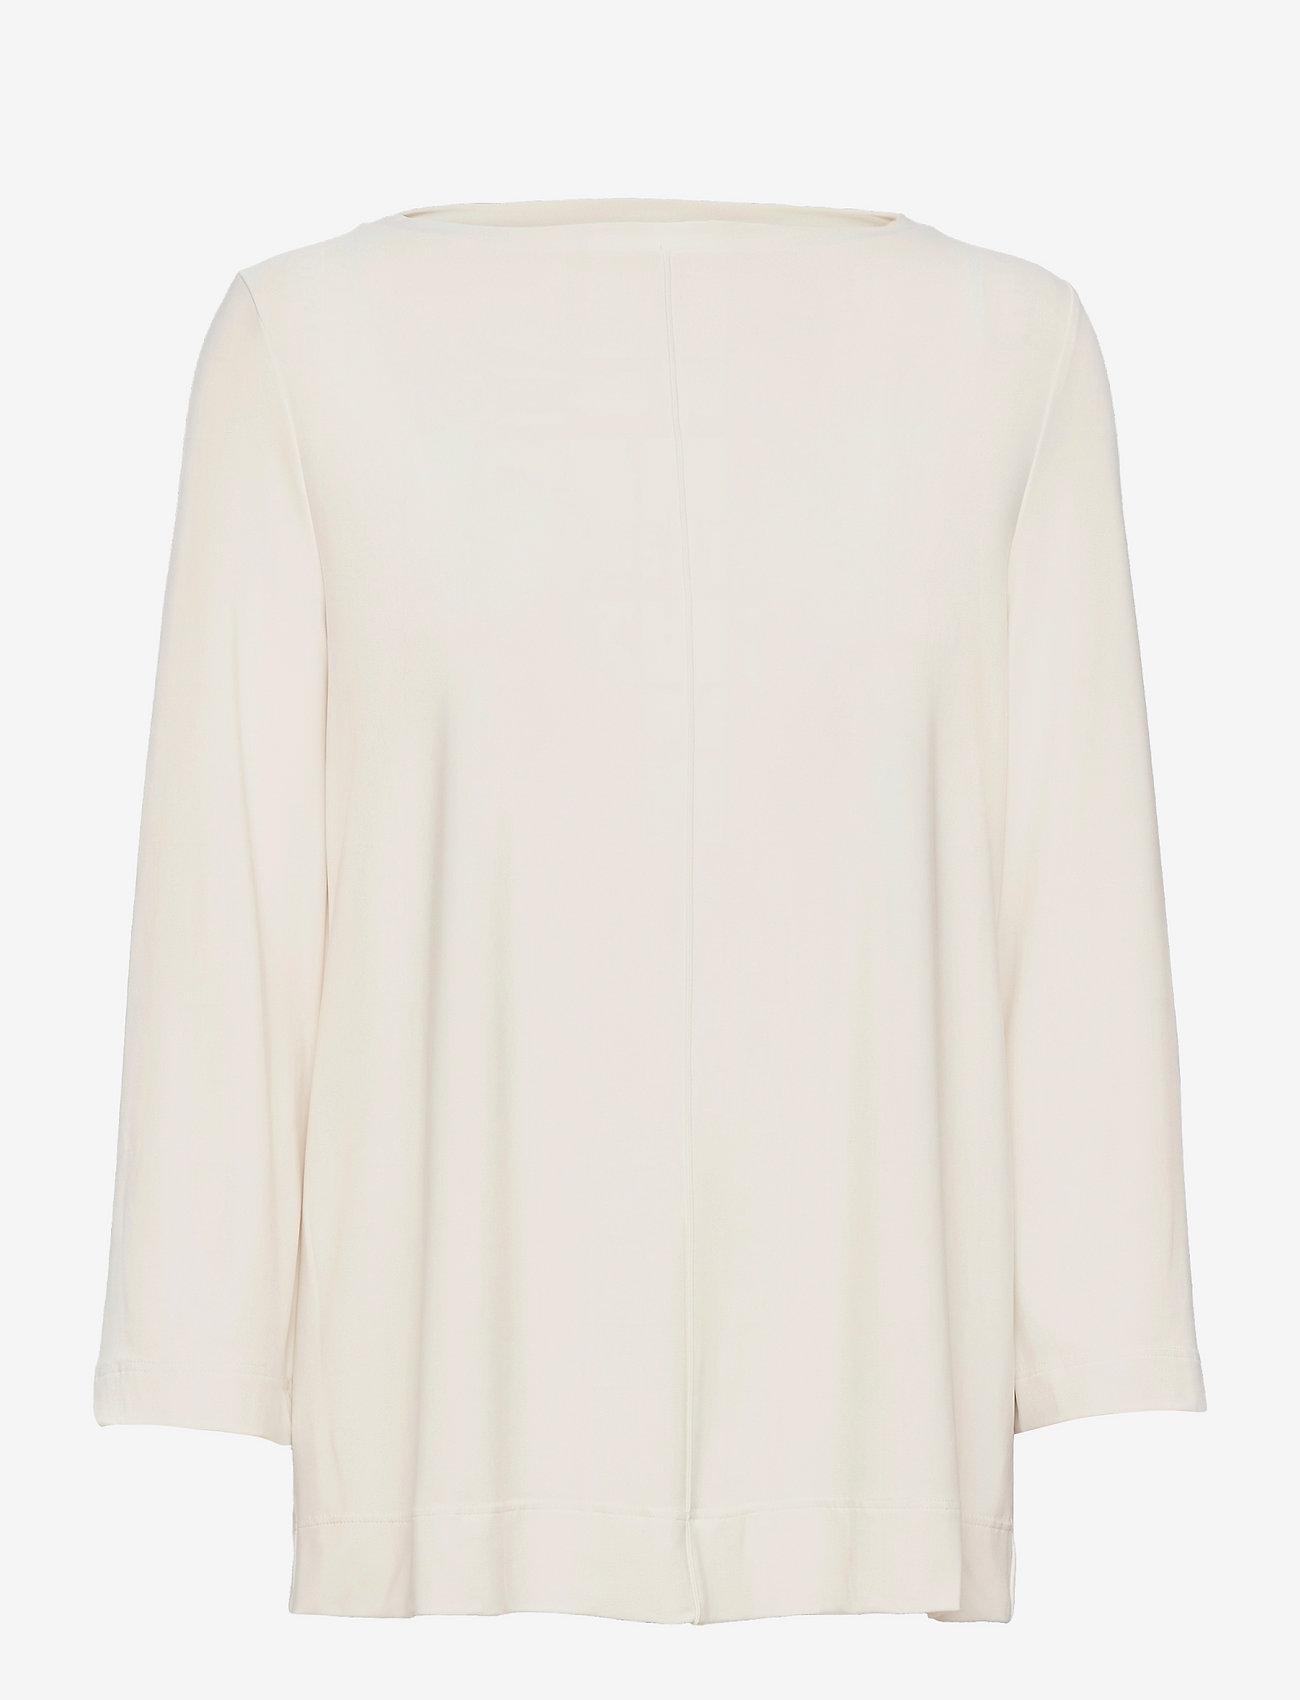 Max Mara Leisure - RIVOLO - long sleeved blouses - white - 0